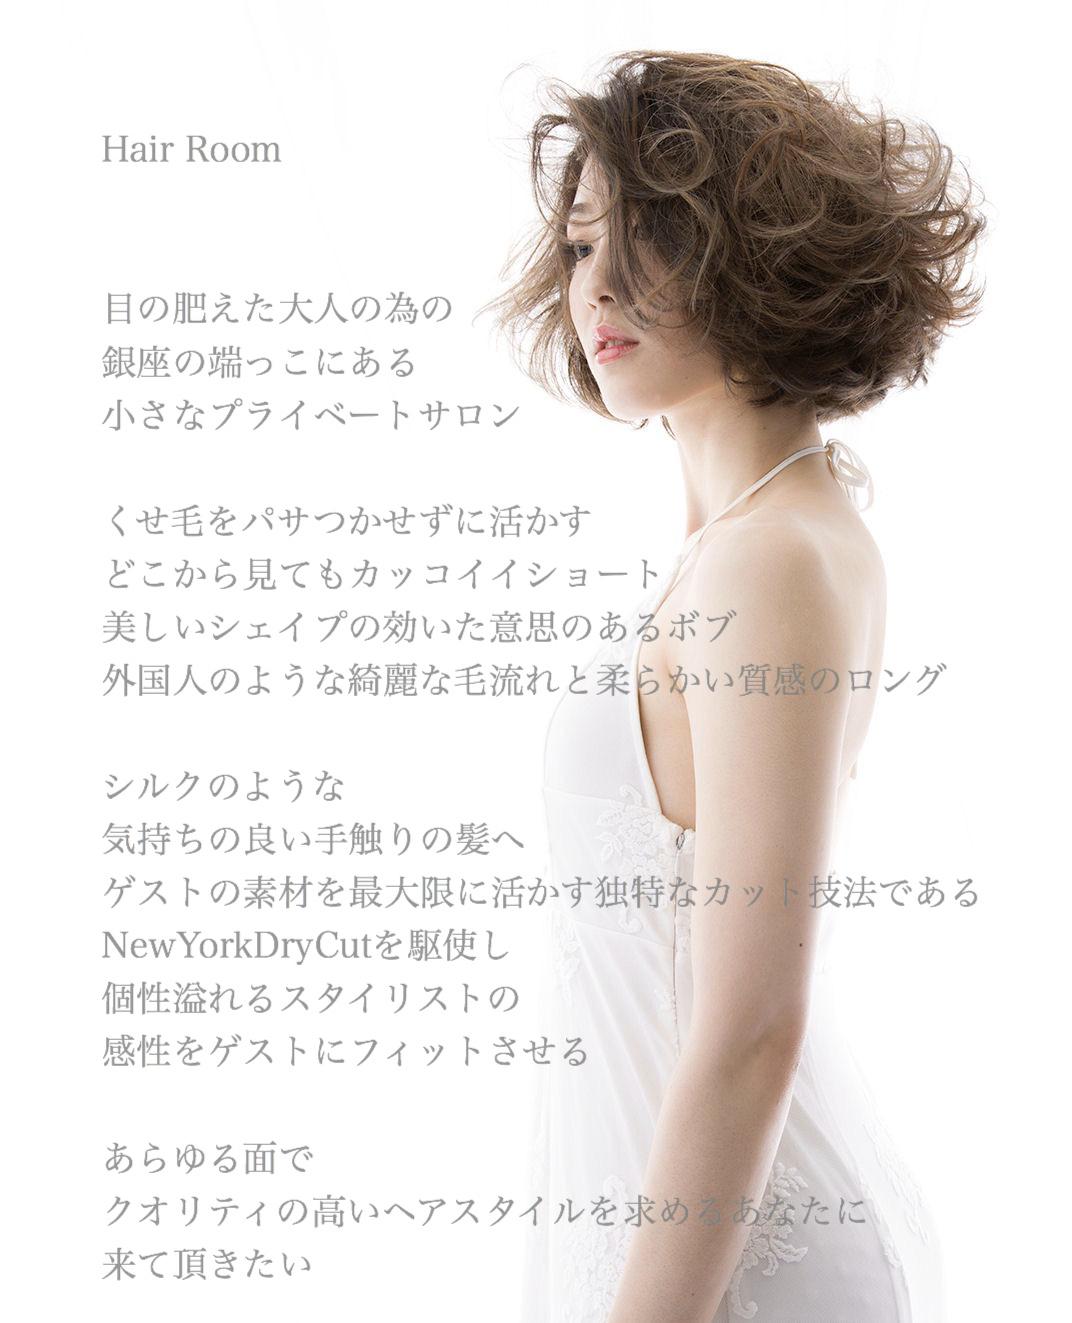 【くせ毛を活かす】【髪にボリュームを出す 】【再現性の高いヘアスタイル】【髪を梳かないカット】目の肥えたアラフォー40代アラフィフ50代が多数来店する ニューヨークドライカットを駆使する 東京銀座のプライベートサロン Hair Roomヘアルーム